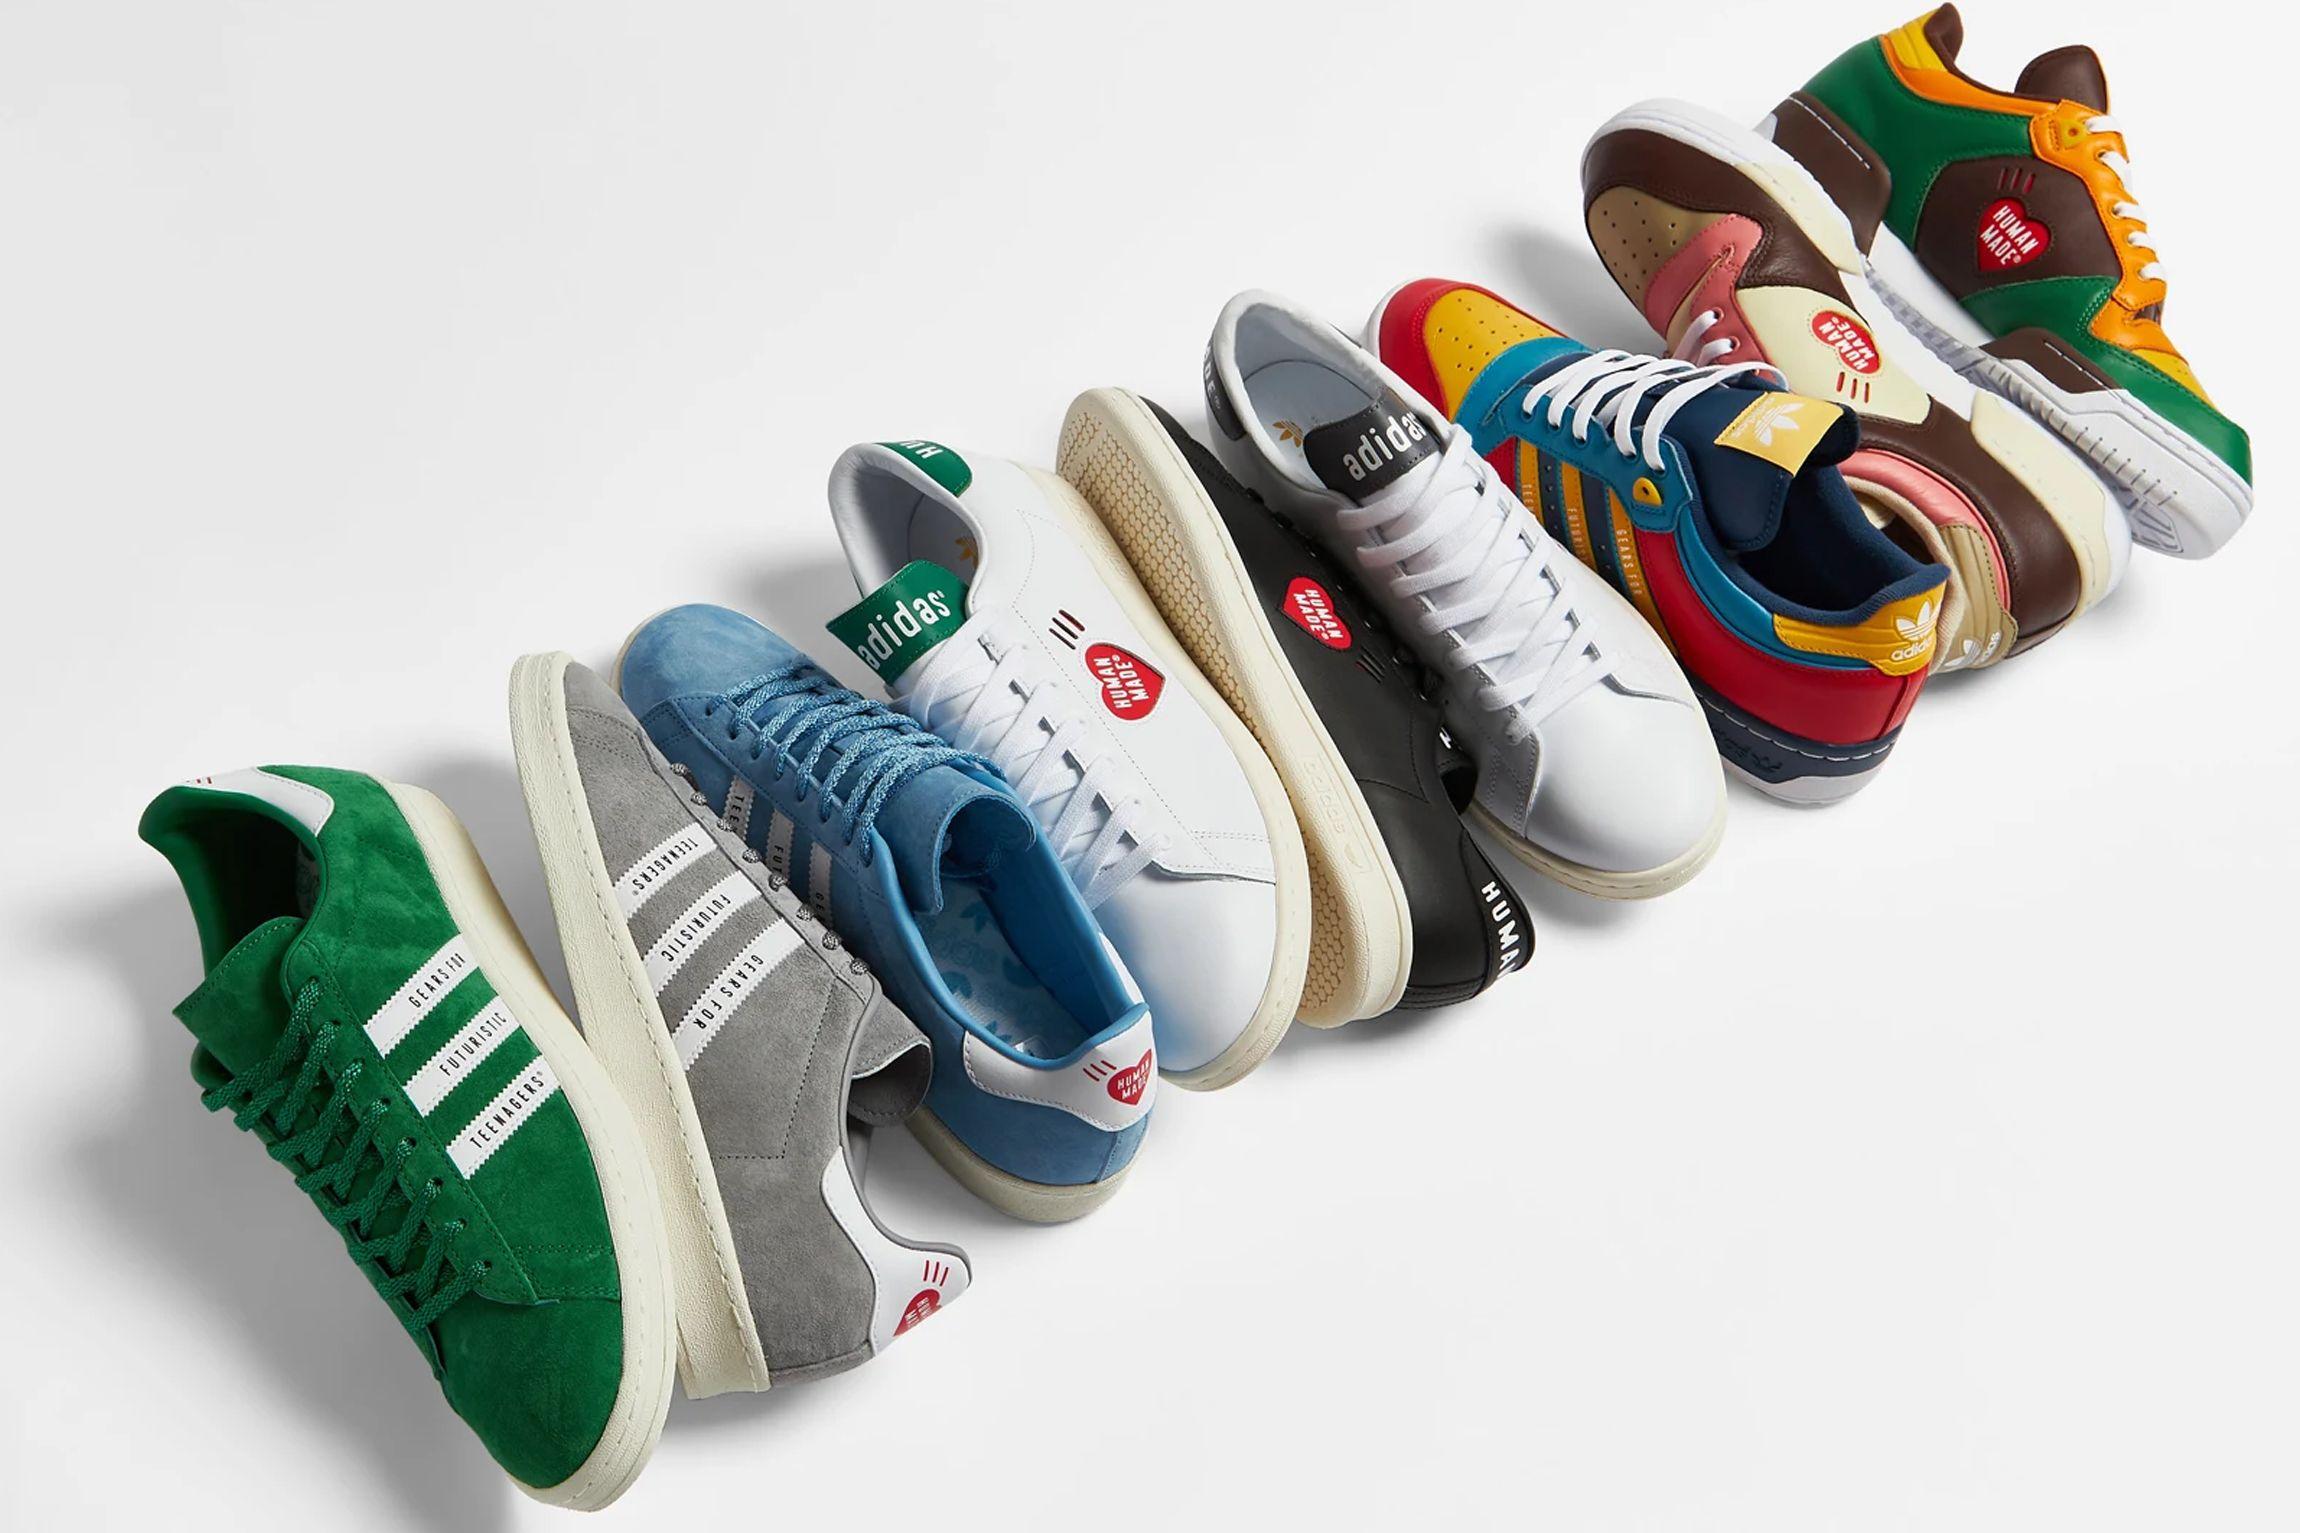 Hormiga Observar Activar  Adidas y Human Made: las zapatillas más coloridas del verano